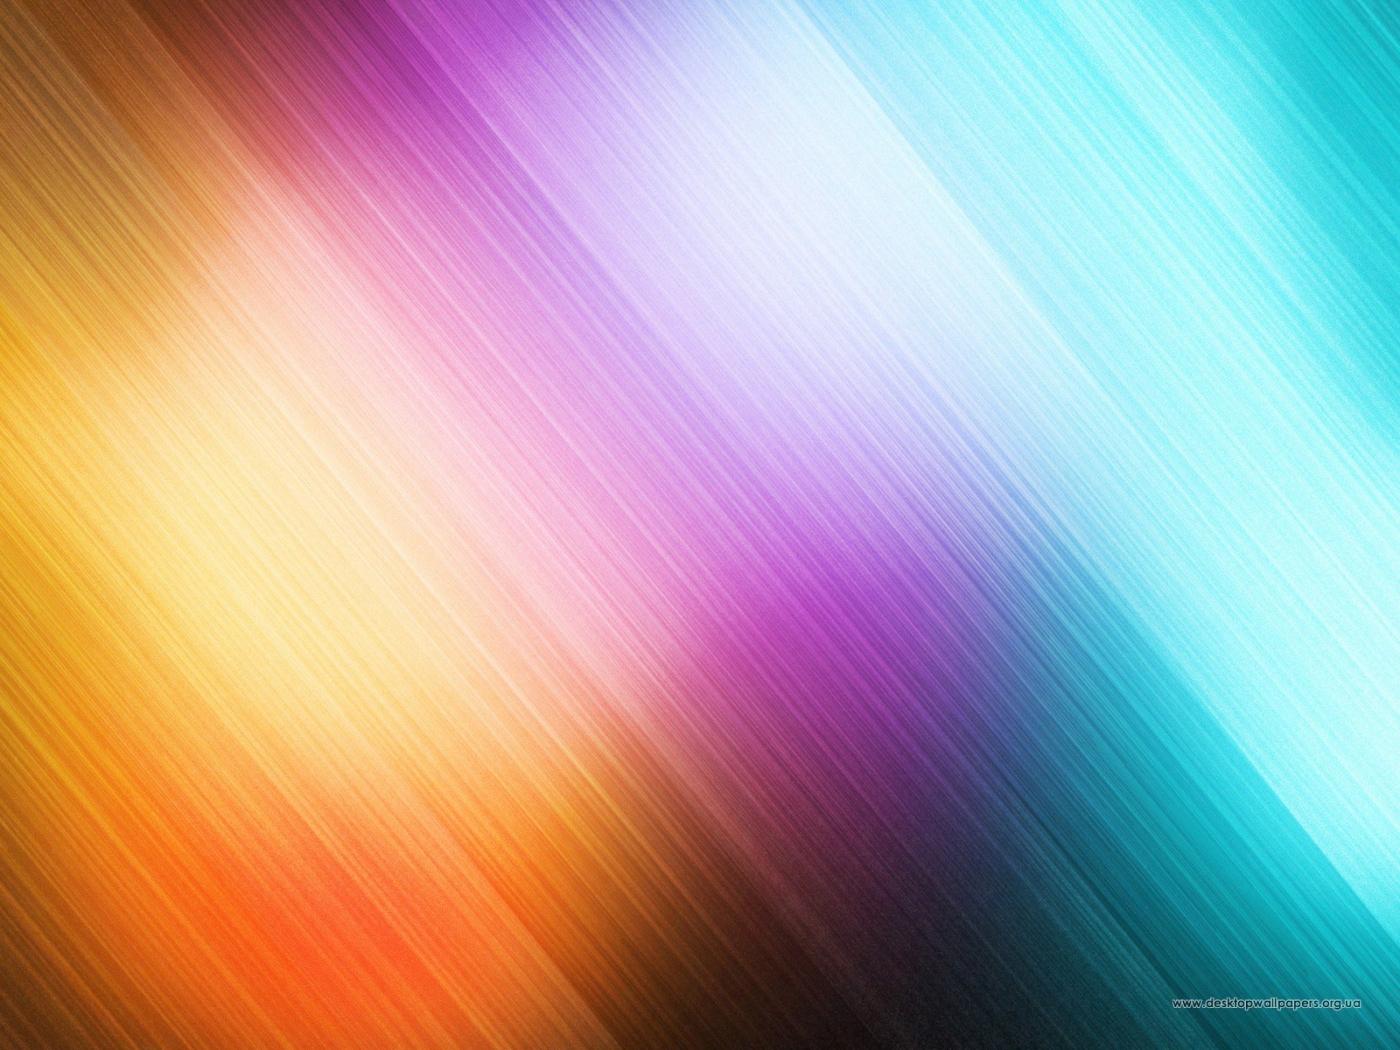 24887 Hintergrundbild herunterladen Hintergrund, Regenbogen - Bildschirmschoner und Bilder kostenlos